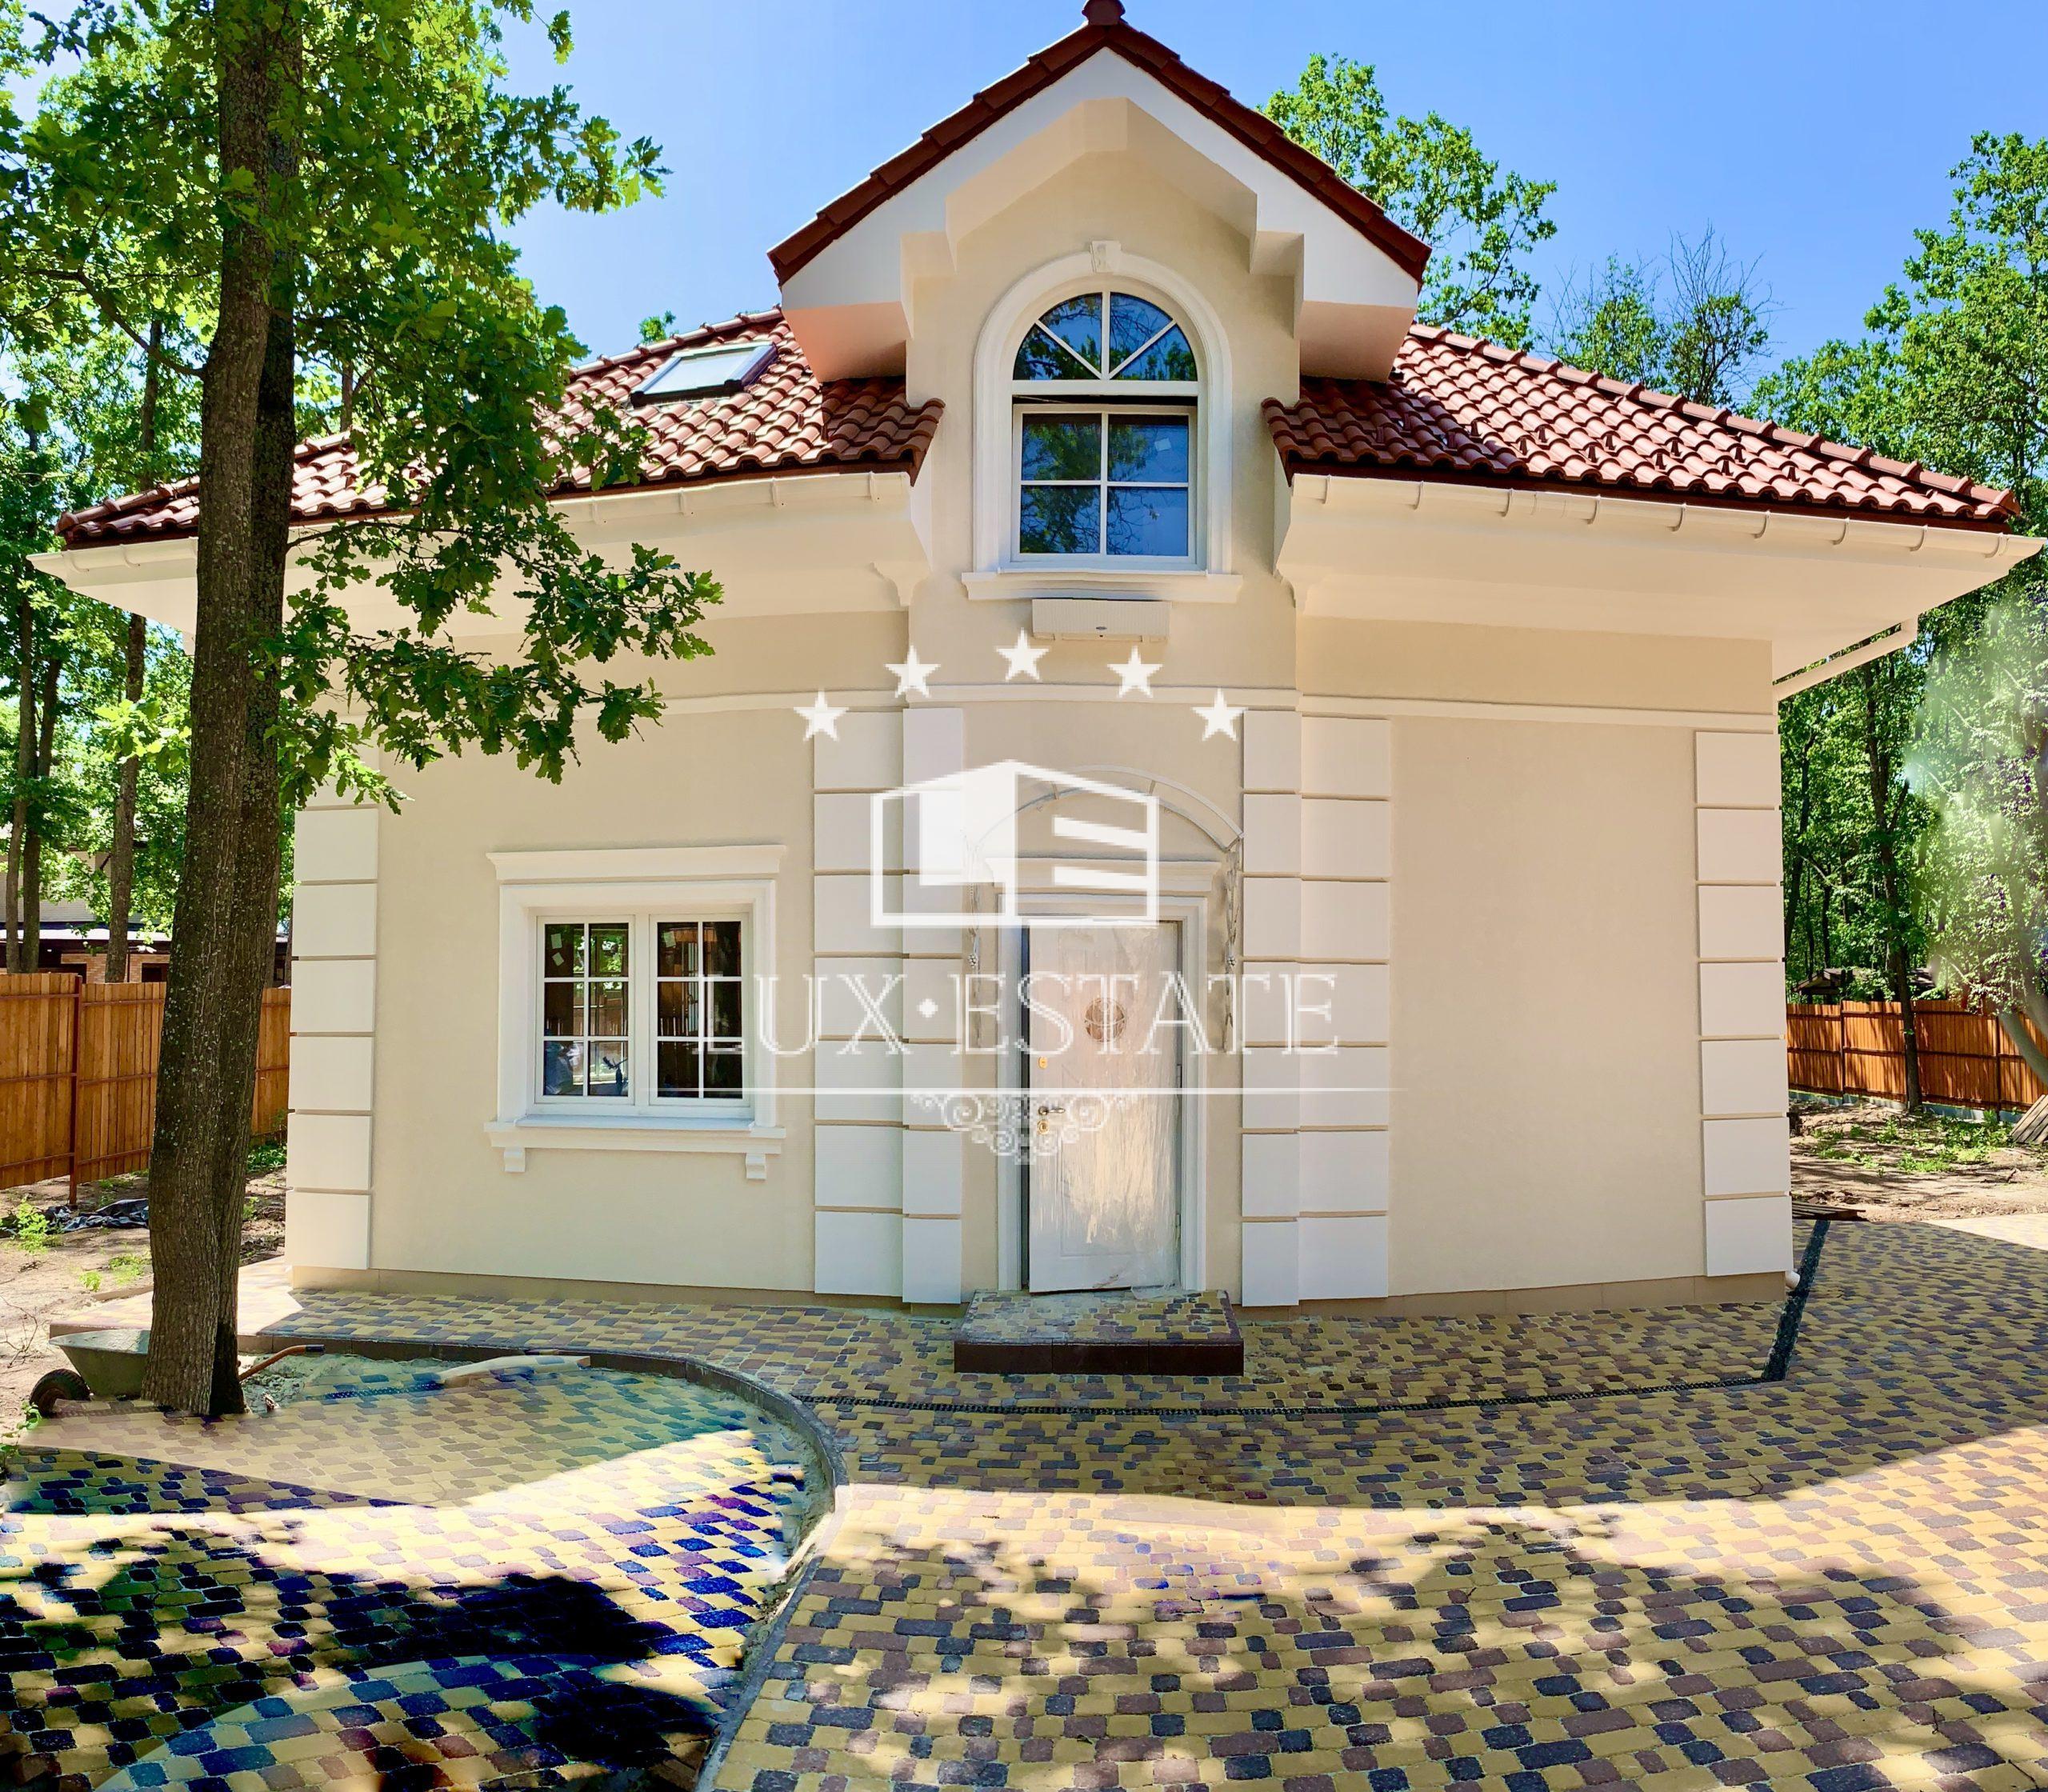 Продам дом в закрытом поселке Лесное (Белгородское шоссе)